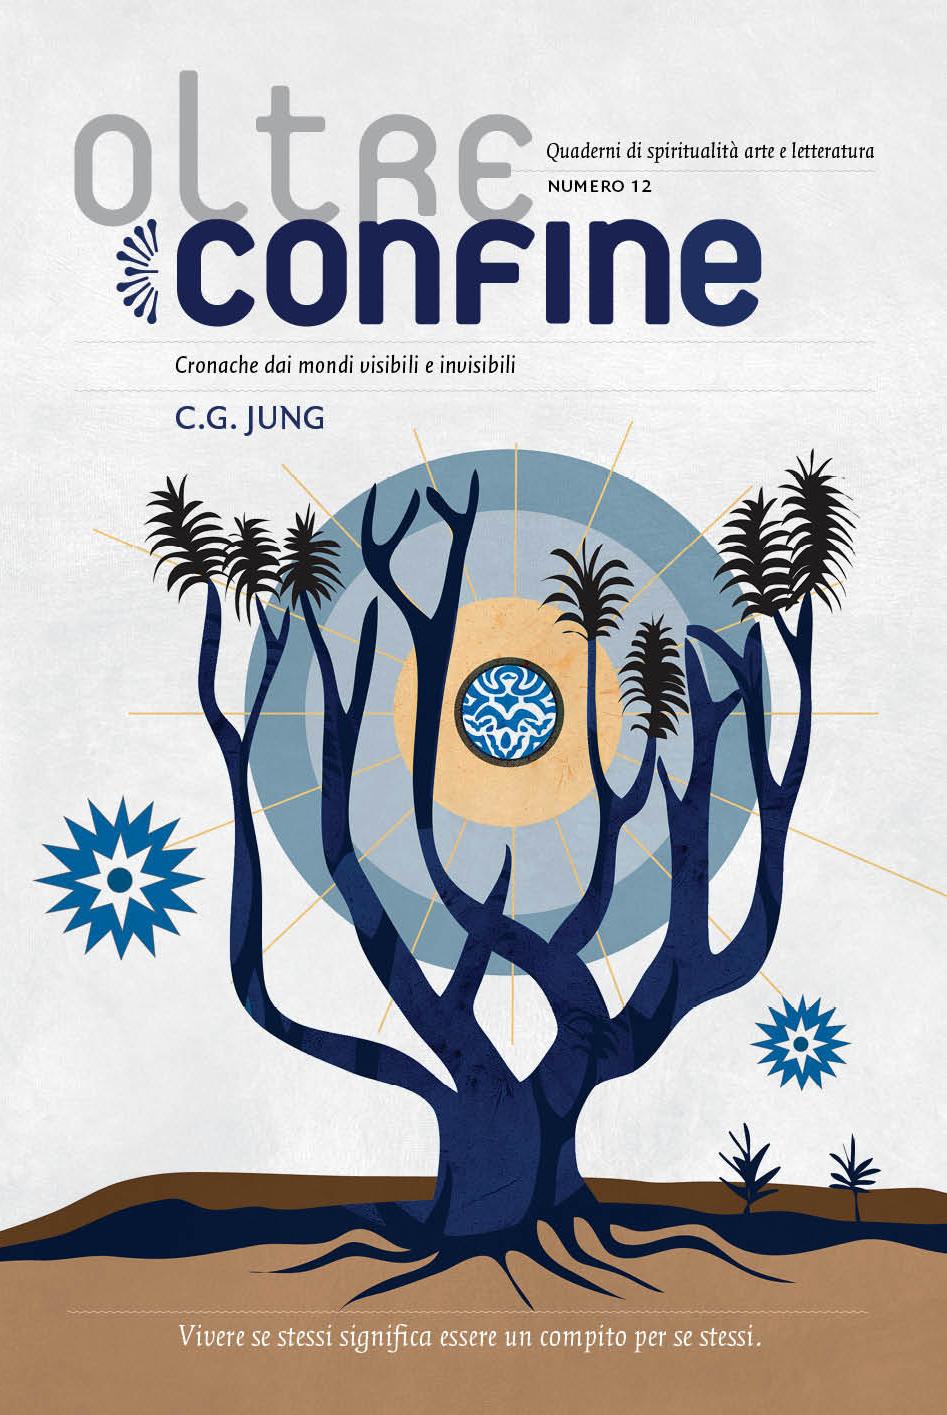 Oltreconfine - C.G. Jung